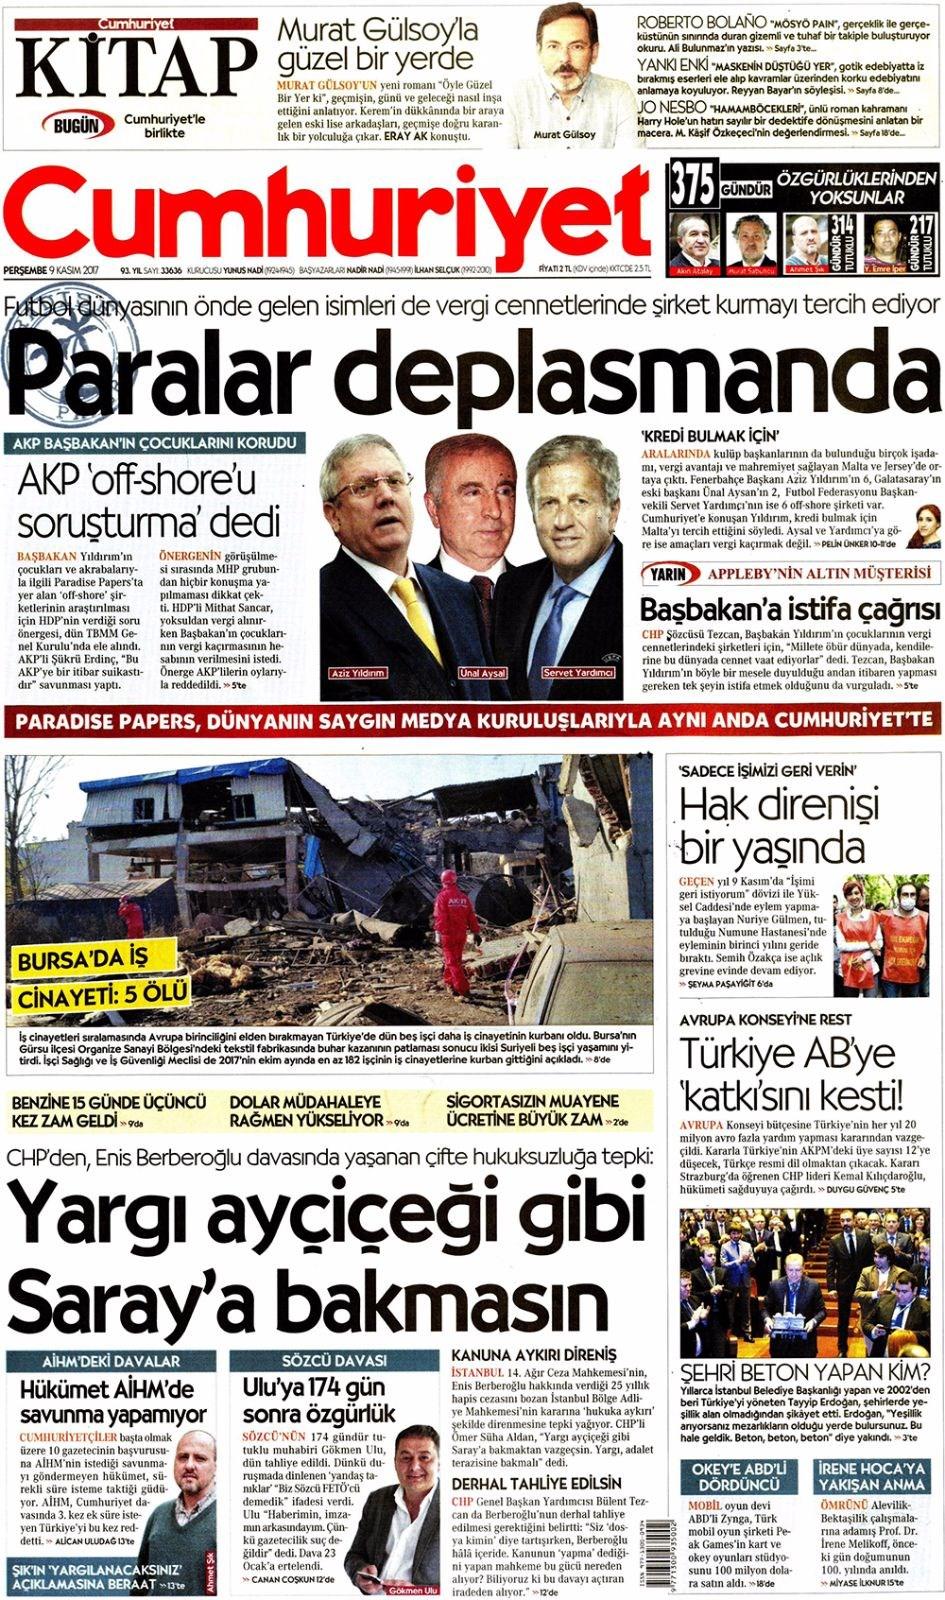 Basında bugün kim ne manşet attı? 9 kasım günün gazete manşetleri 5